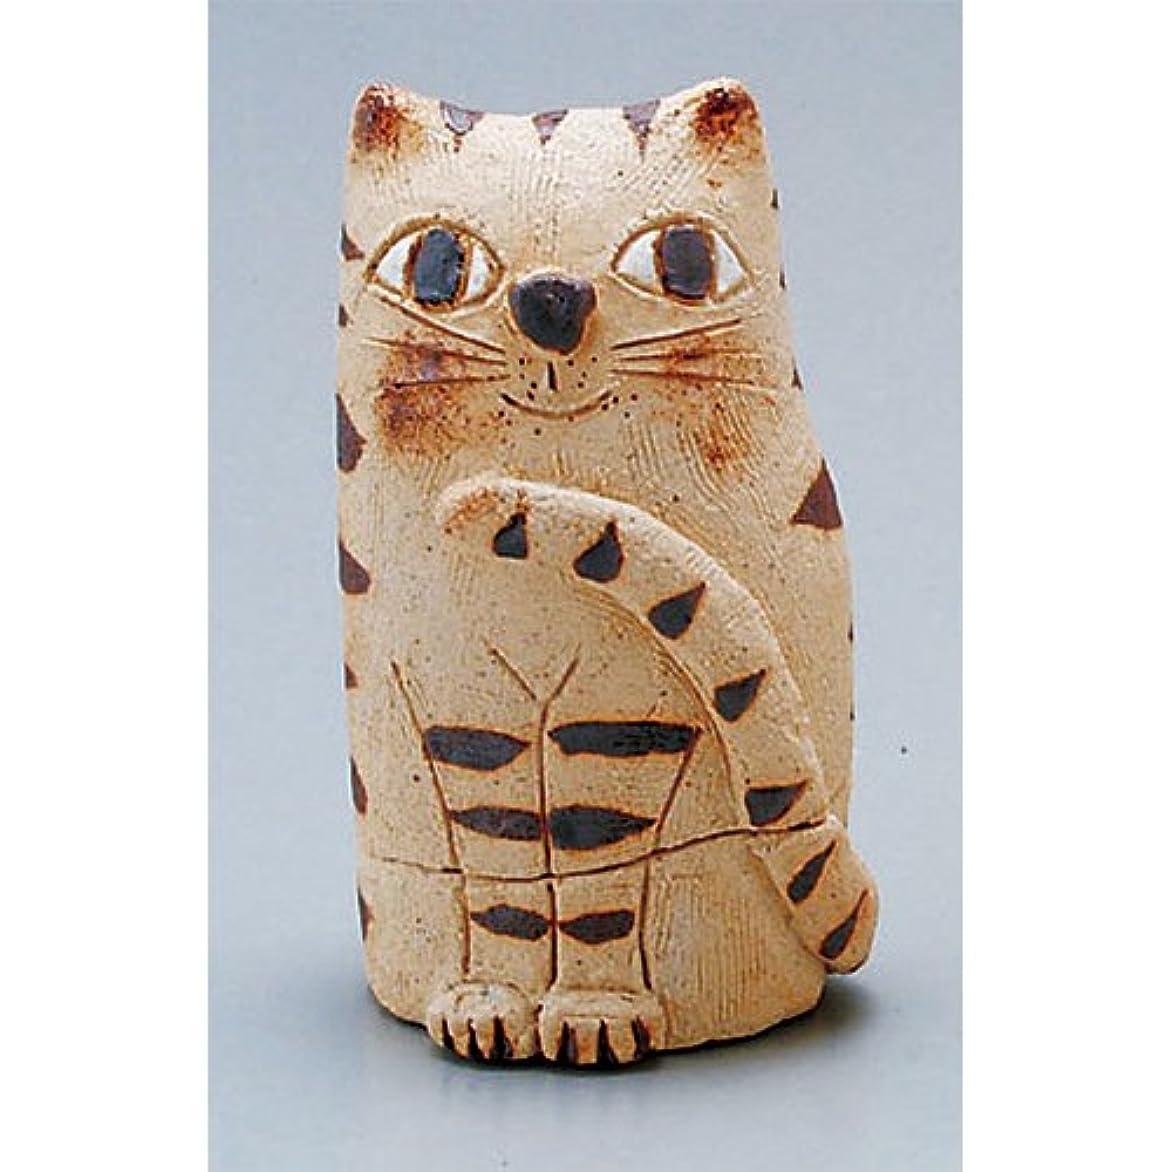 ベックス入植者誤解する香炉 蔵猫 香炉(小) [H11cm] HANDMADE プレゼント ギフト 和食器 かわいい インテリア